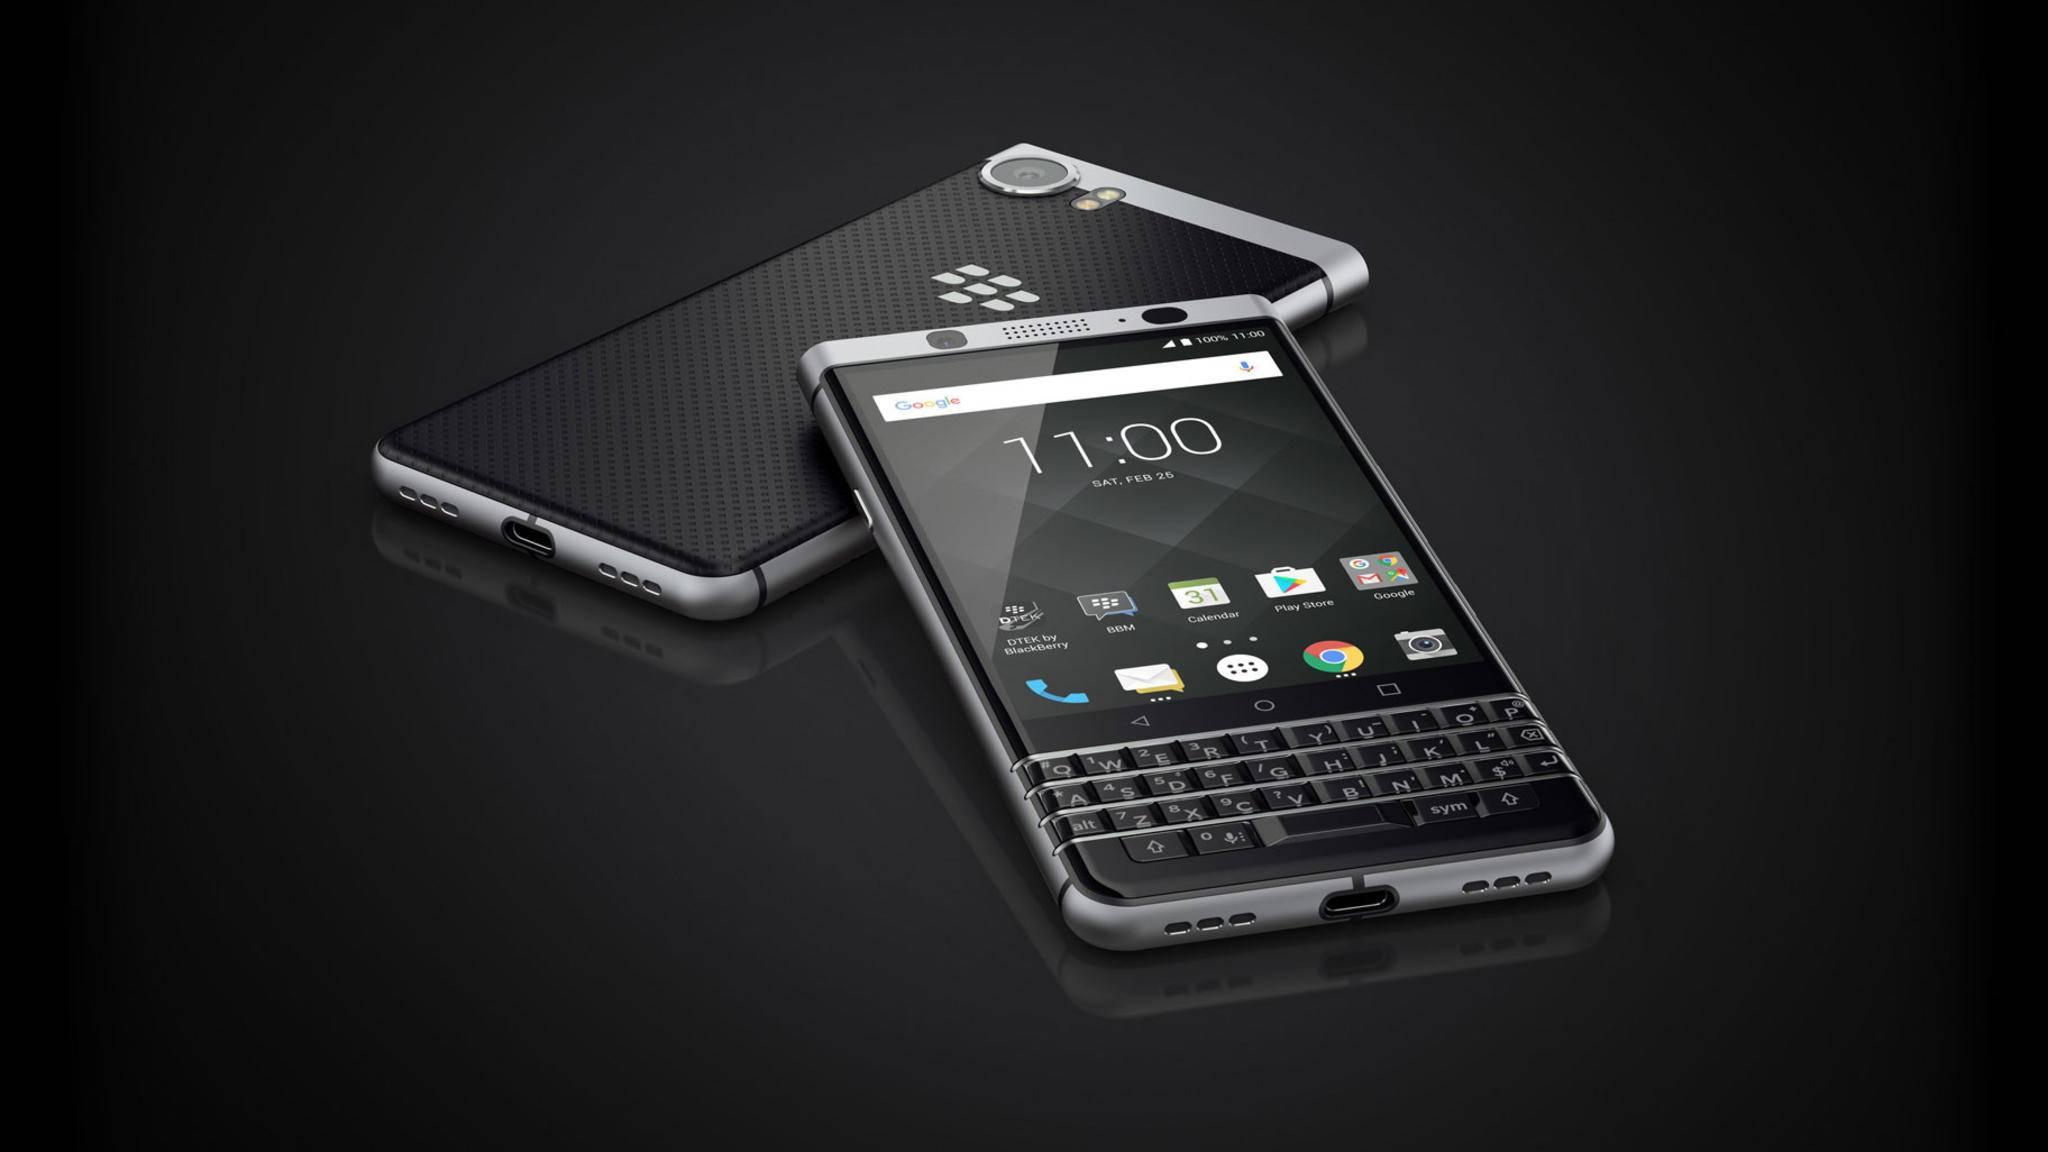 Ab dem 31. Mai soll es das BlackBerry KEYone mit physischer Tastatur im Handel zu kaufen geben.